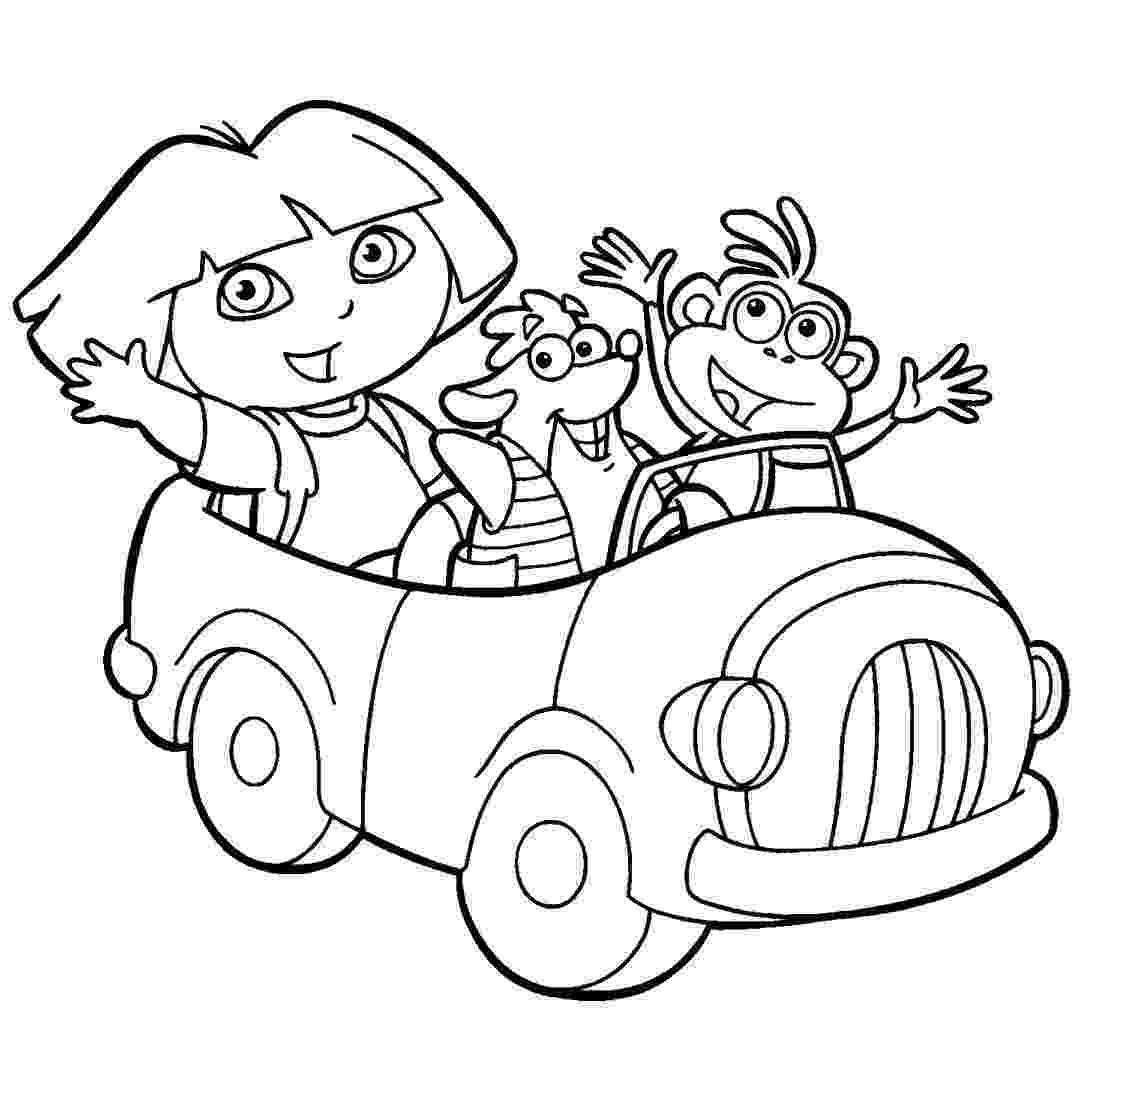 dora pics dora online coloring pages dora backpack coloring page pics dora